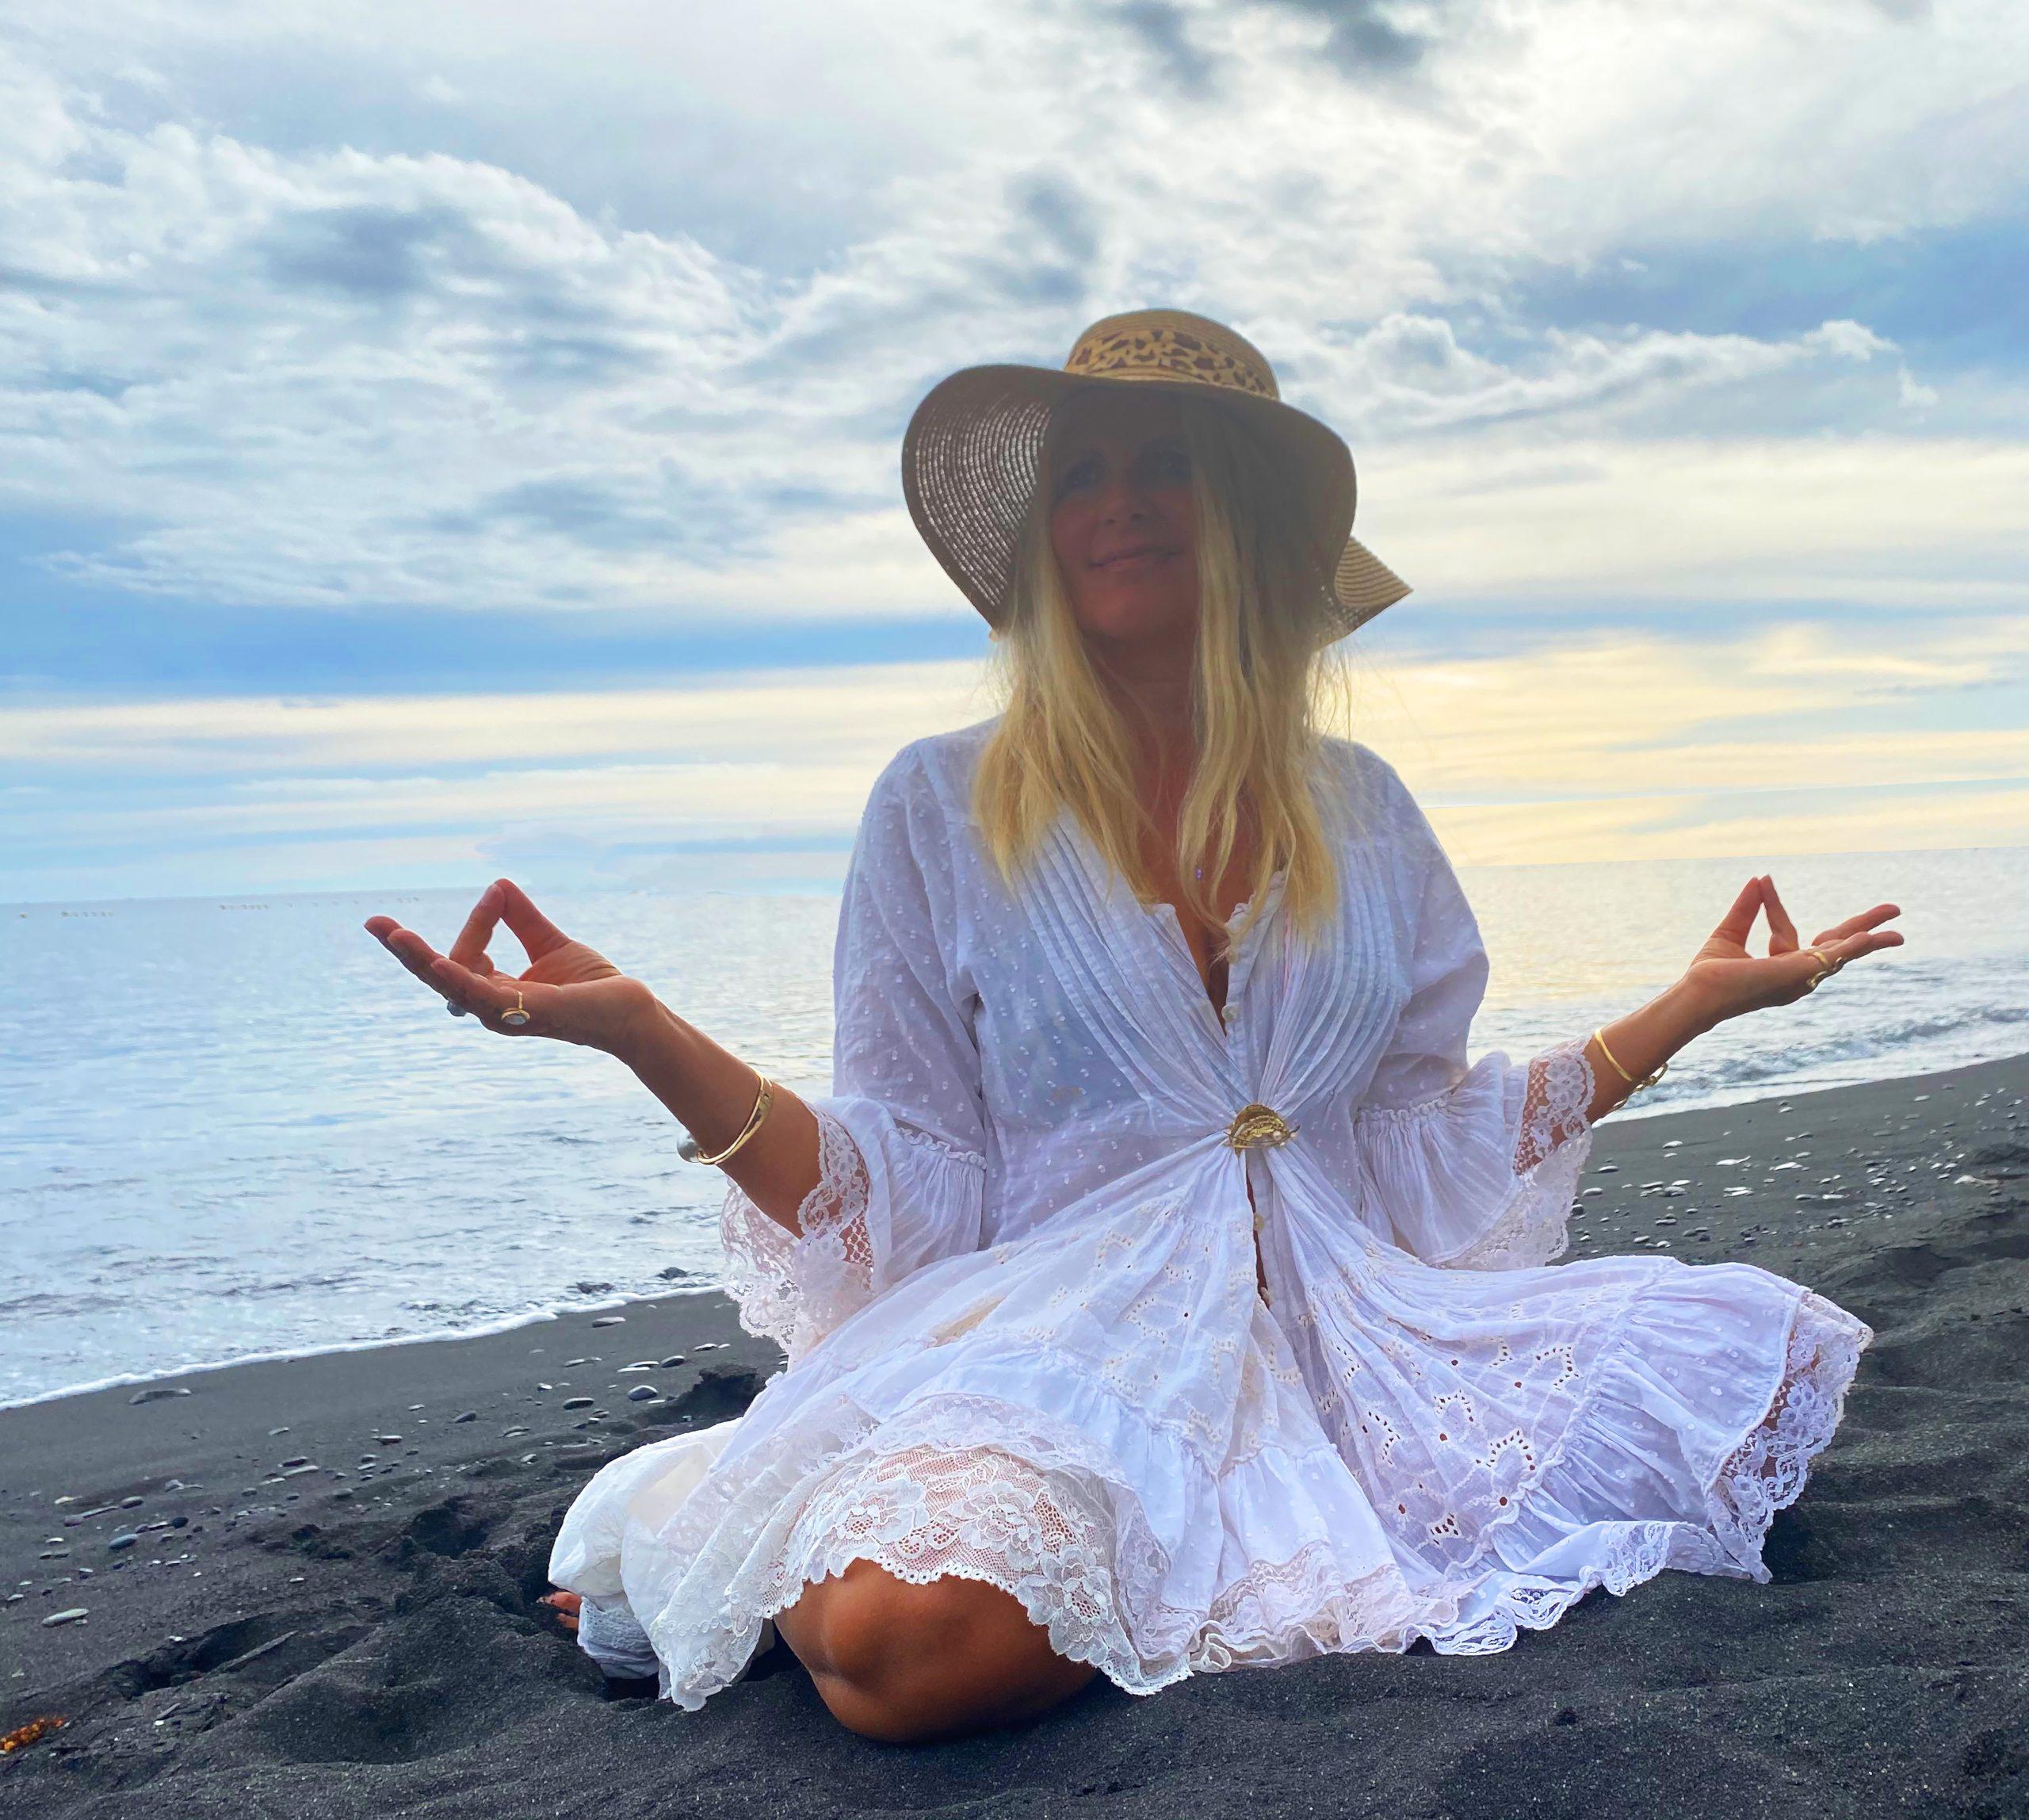 arooga Spiritualitaet - meditierende Frau